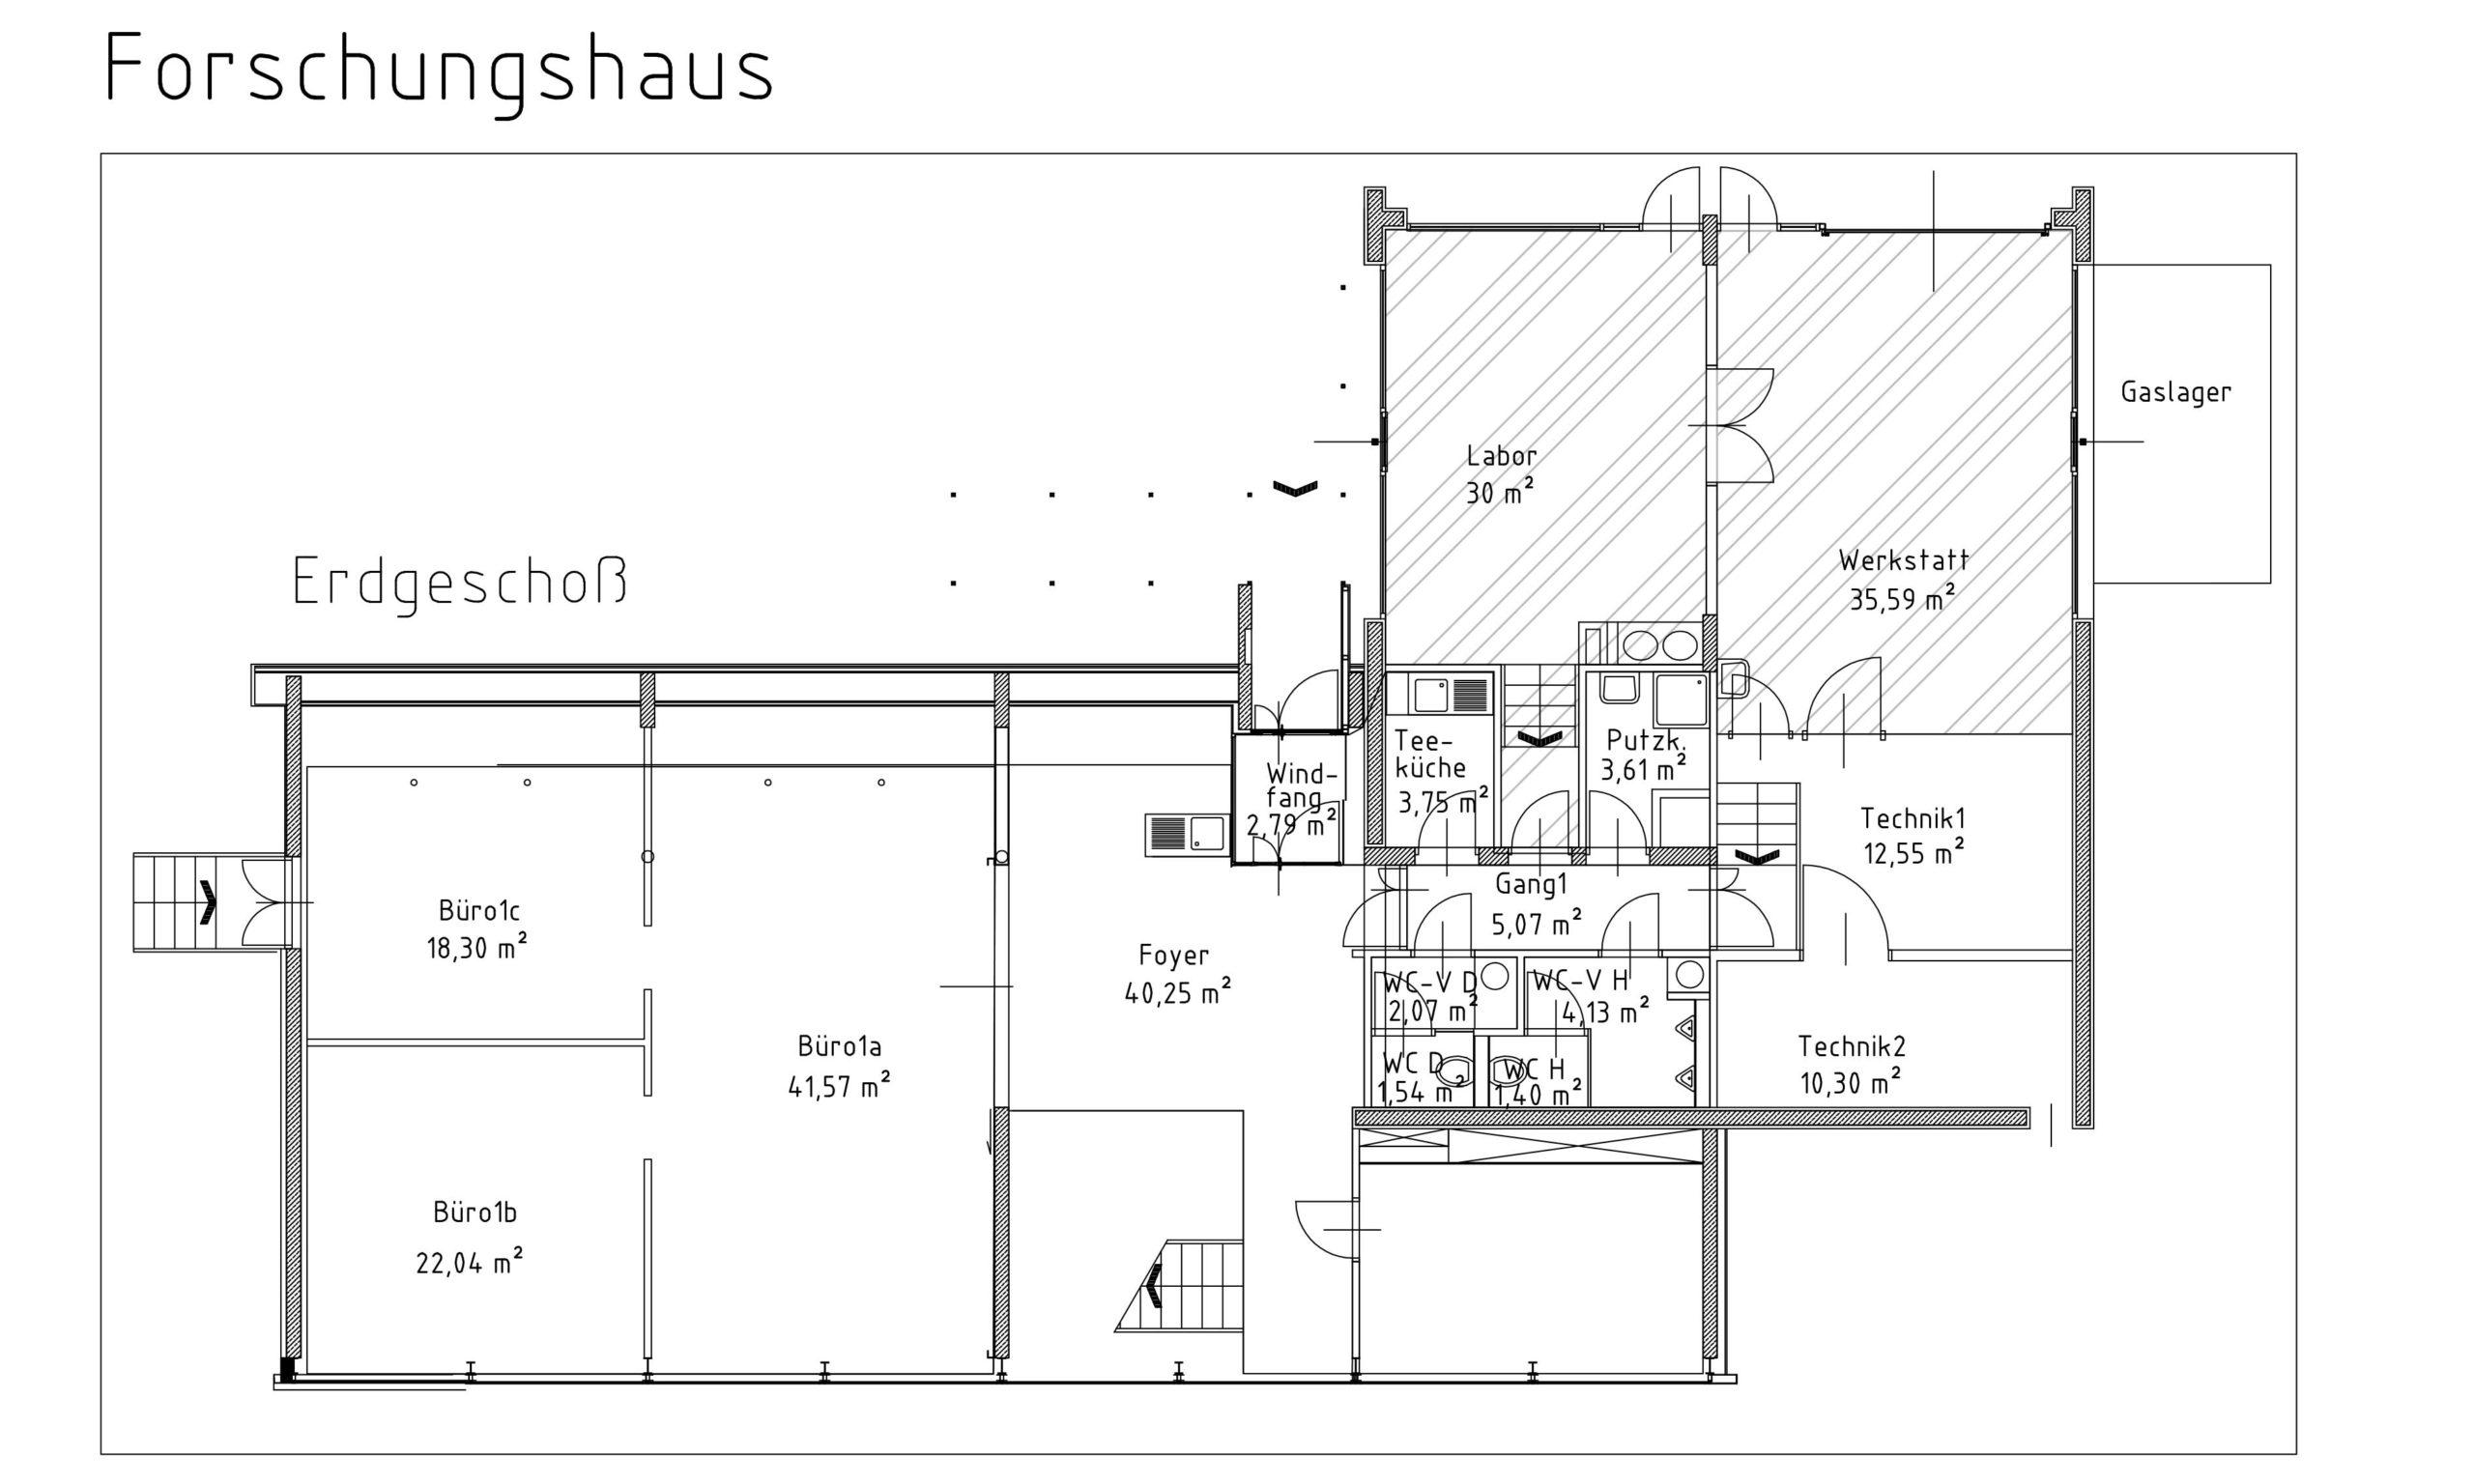 Grundrissplan Forschungshaus Labor bzw. Werkstätte